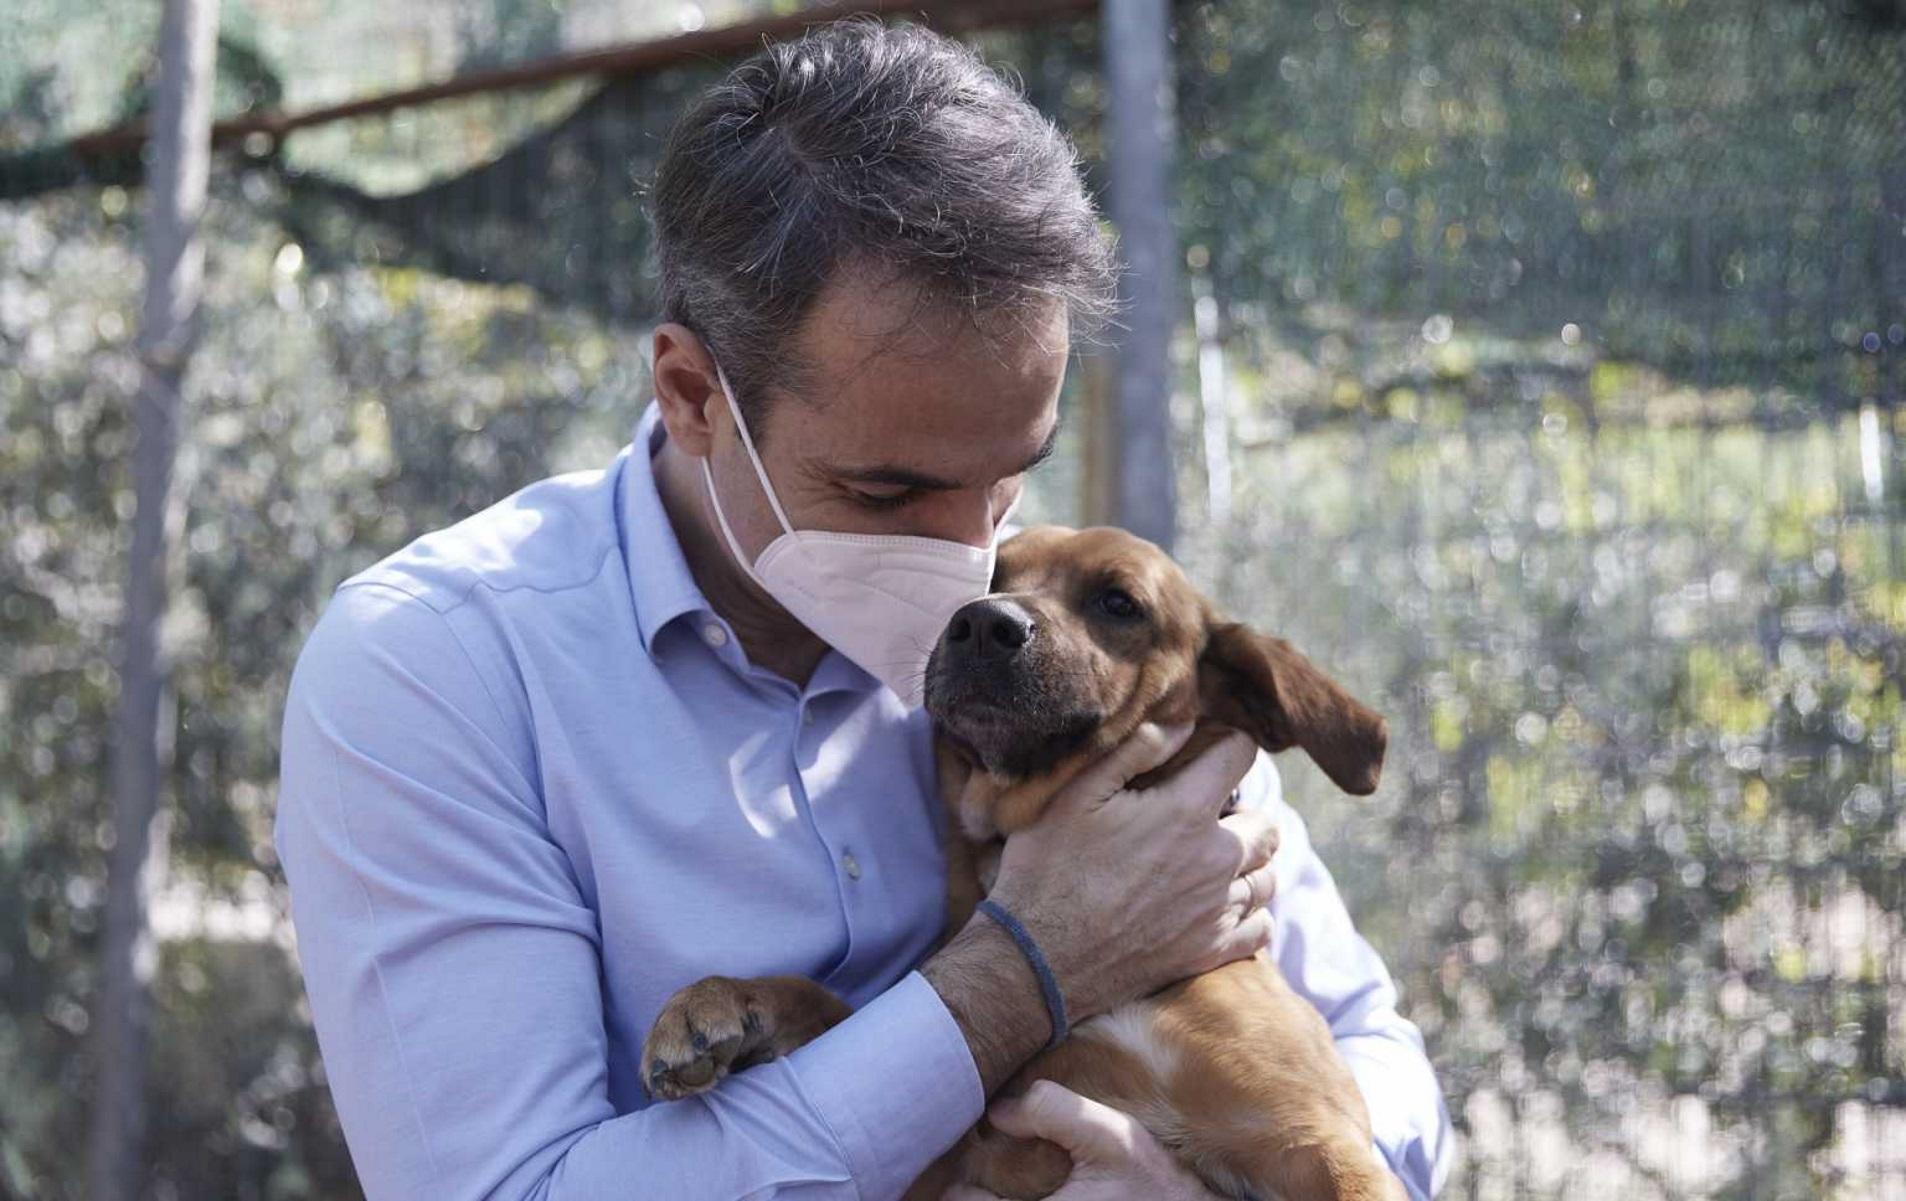 Κυριάκος Μητσοτάκης για ζώα συντροφιάς: Η Ελλάδα επιτέλους αποκτά σύγχρονο νομοθετικό πλαίσιο